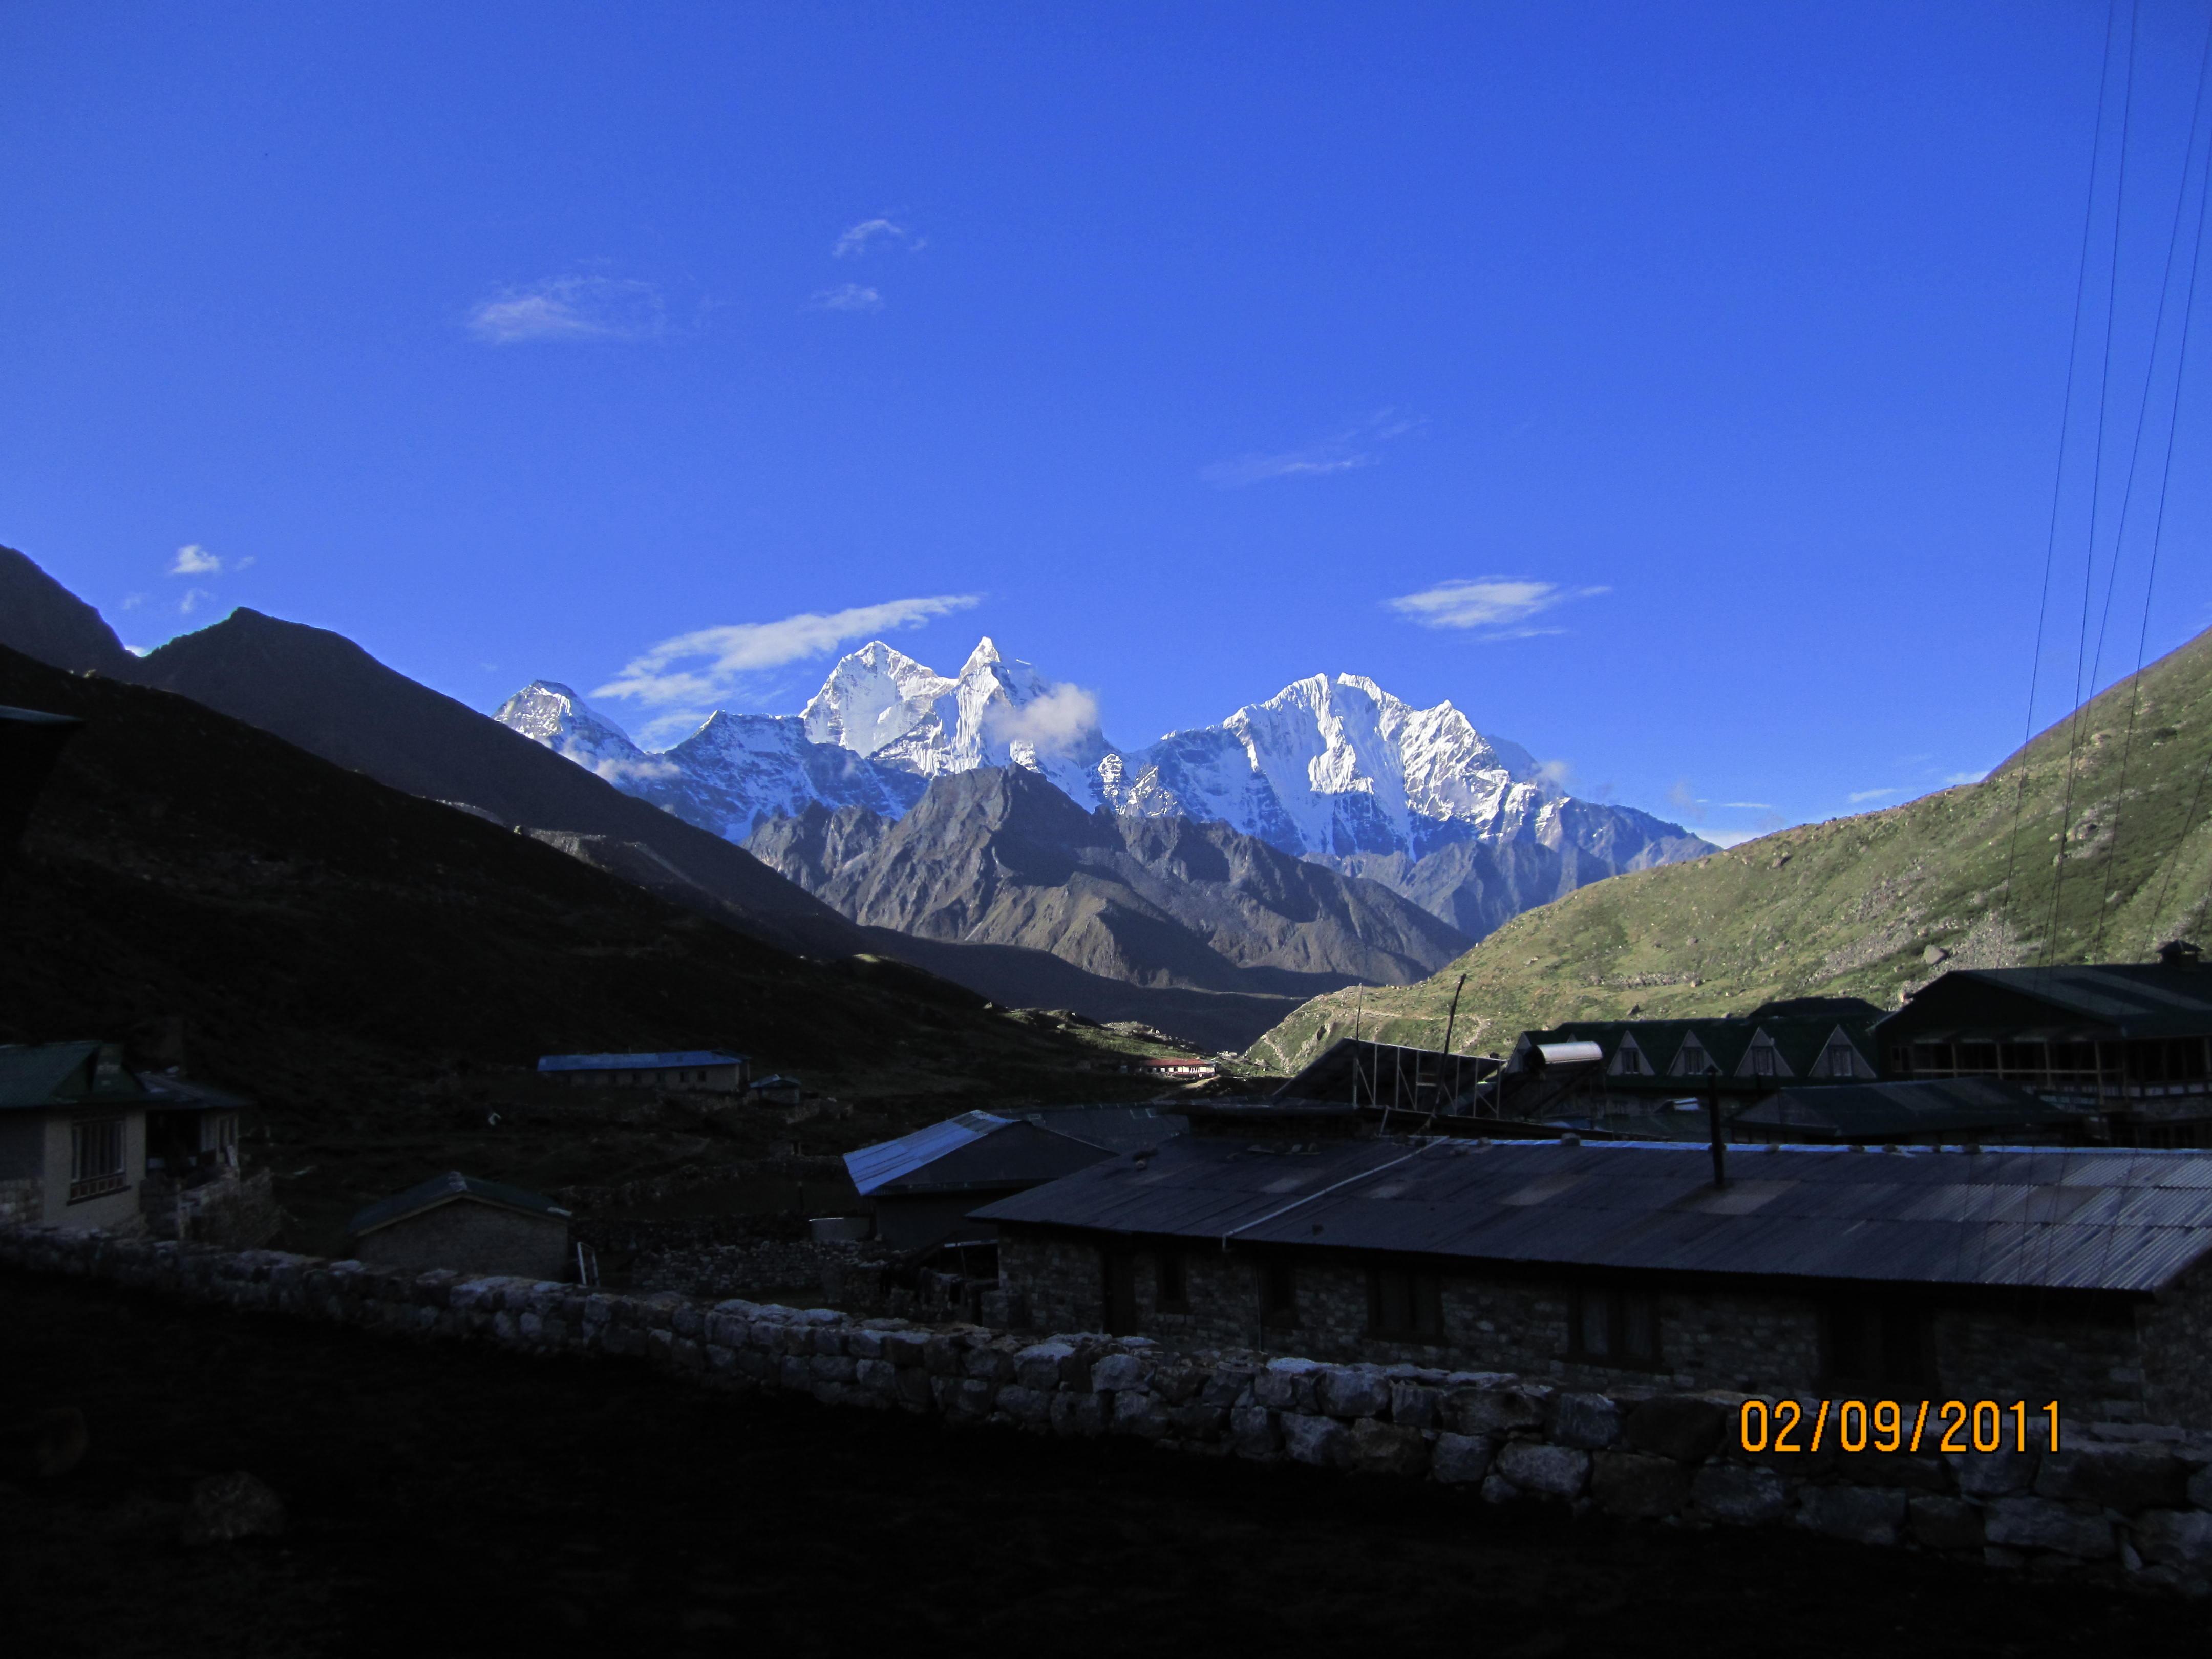 Khumbu valley trekking - Pheruche Village